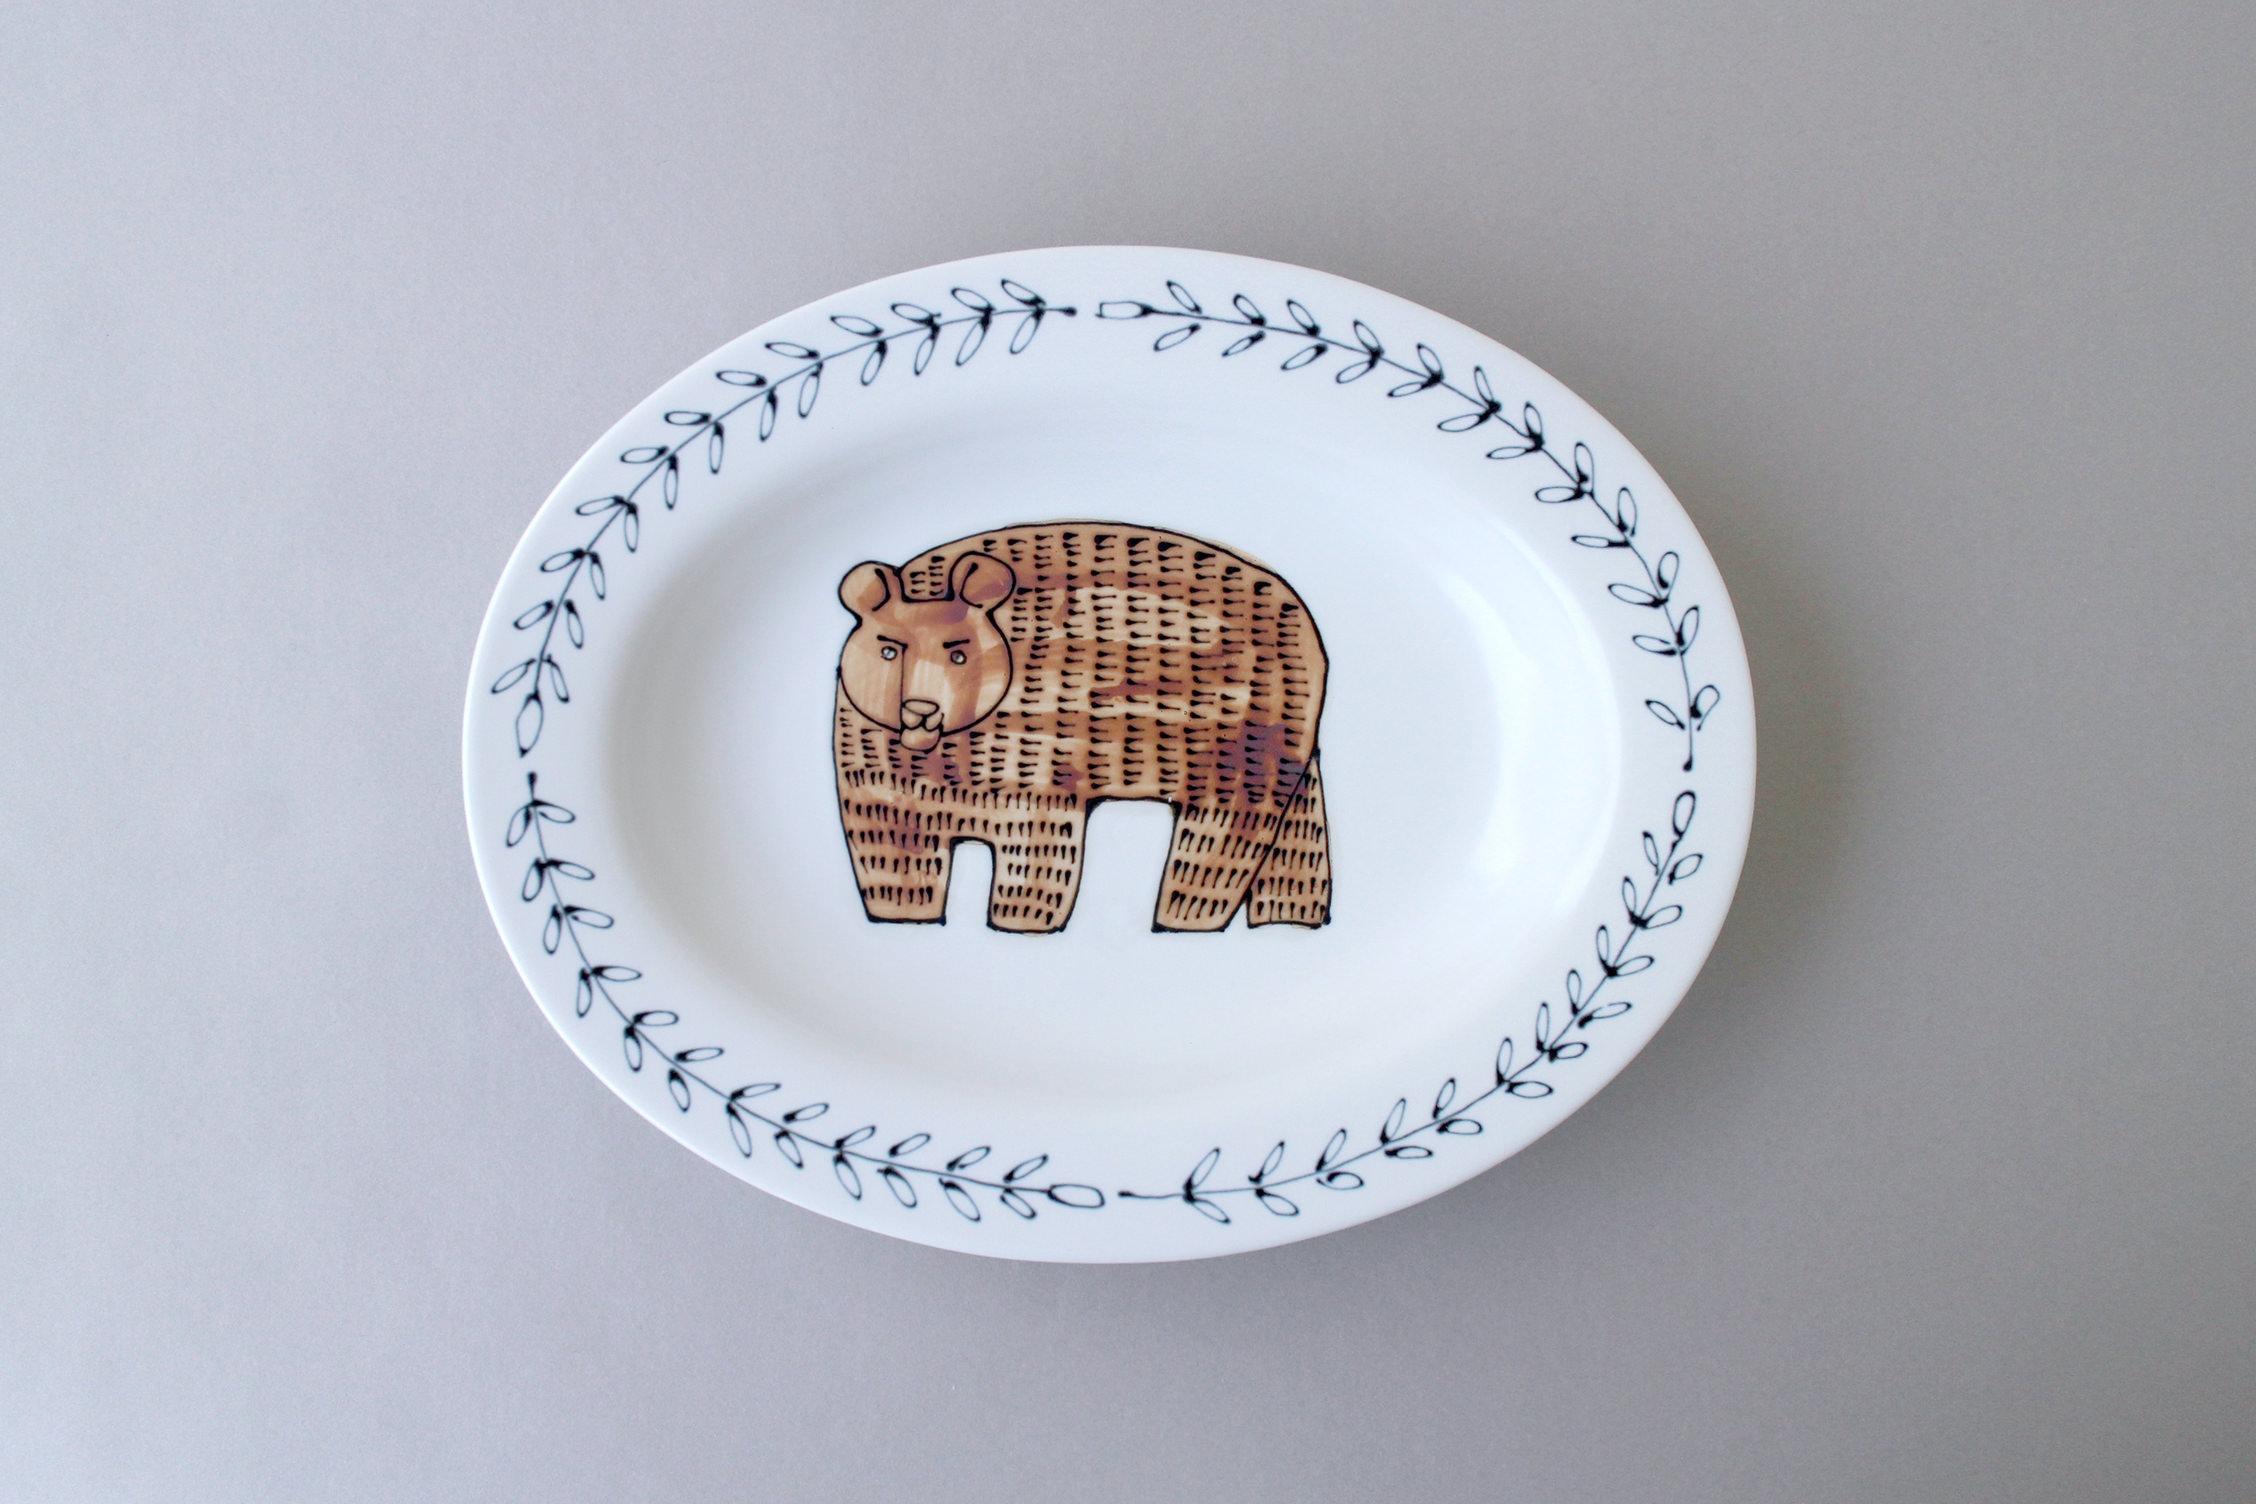 Pebble Ceramic Design Studio イメージ1